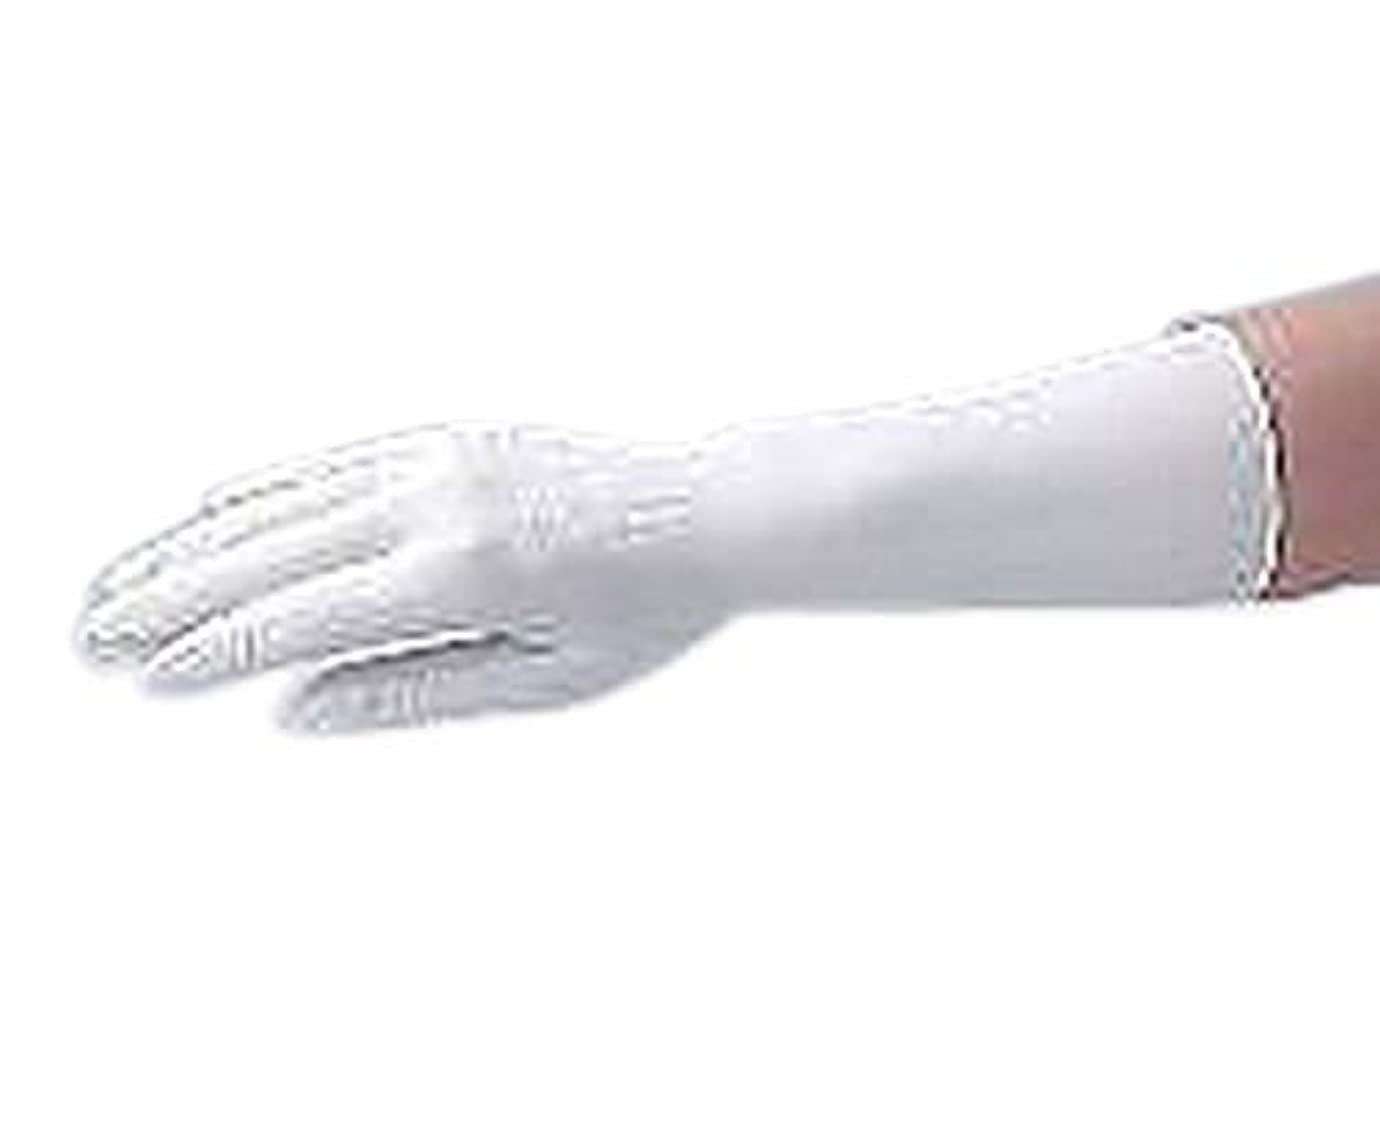 説明的以上首謀者アズワン アズピュア クリーンノール ニトリル手袋(ペアタイプ) L 左右各100枚×5袋入 /1-2323-54